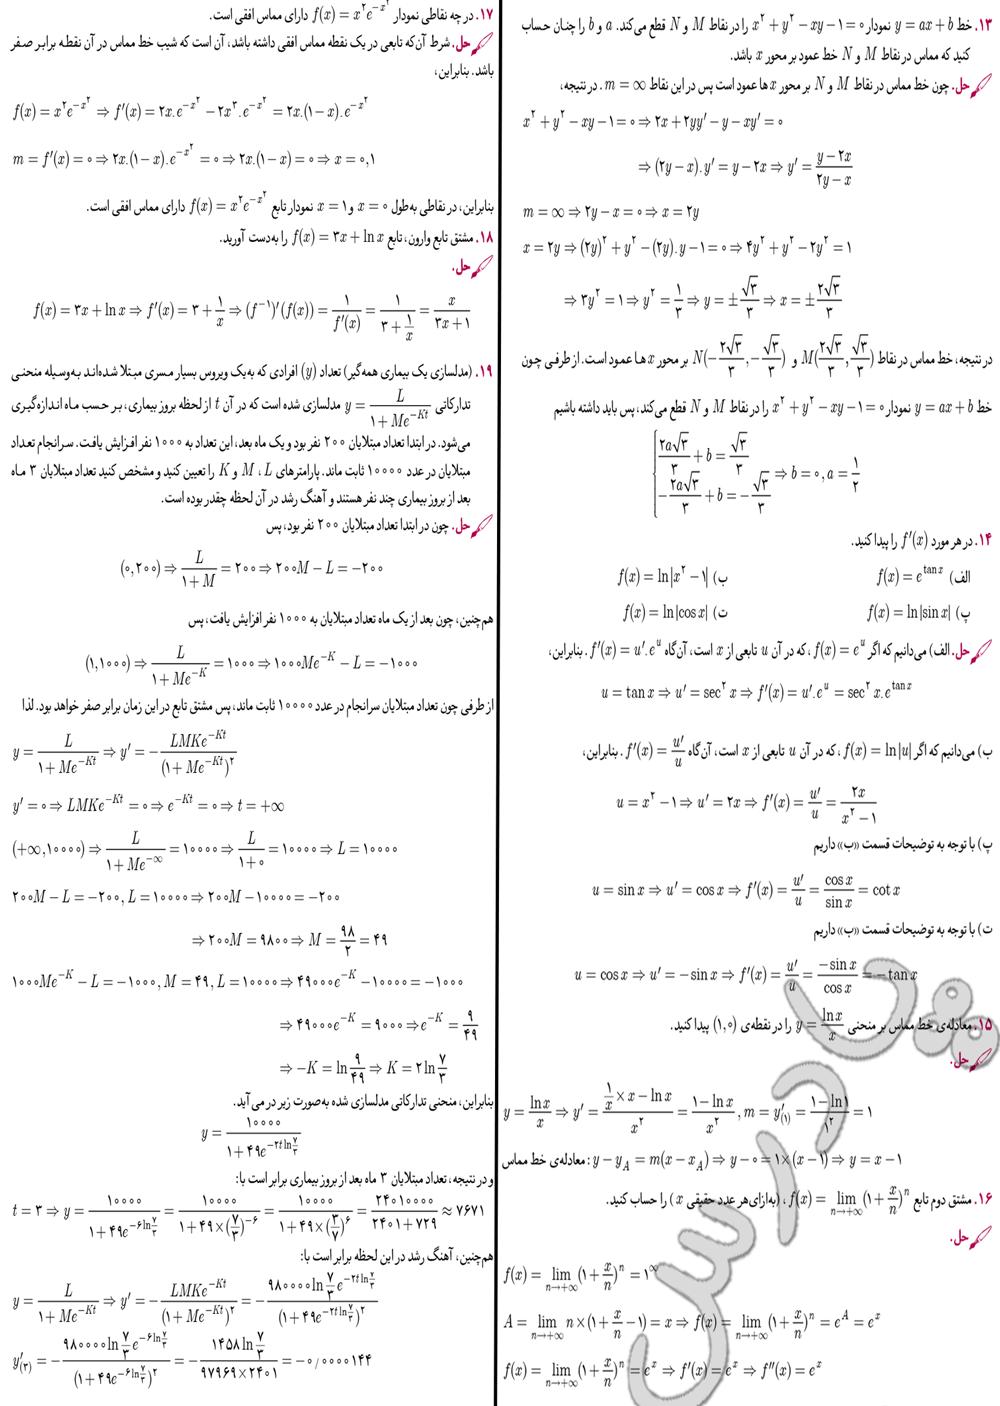 ادامه حل مسائل صفحه 163 دیفرانسی پیش دانشگاهی